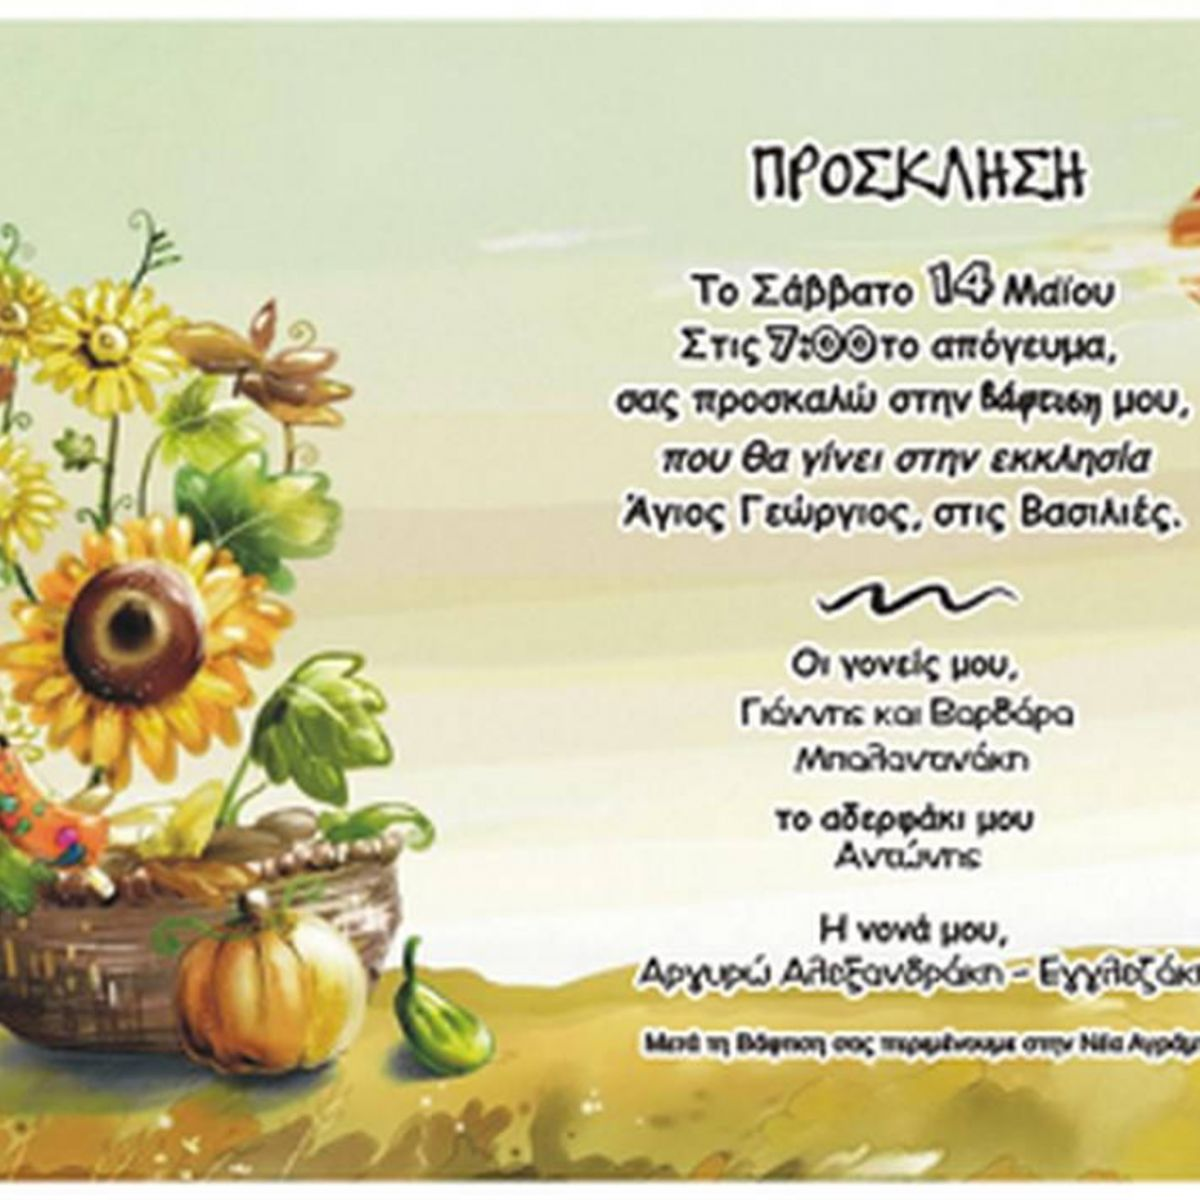 Προσκλήσεις - inv3596